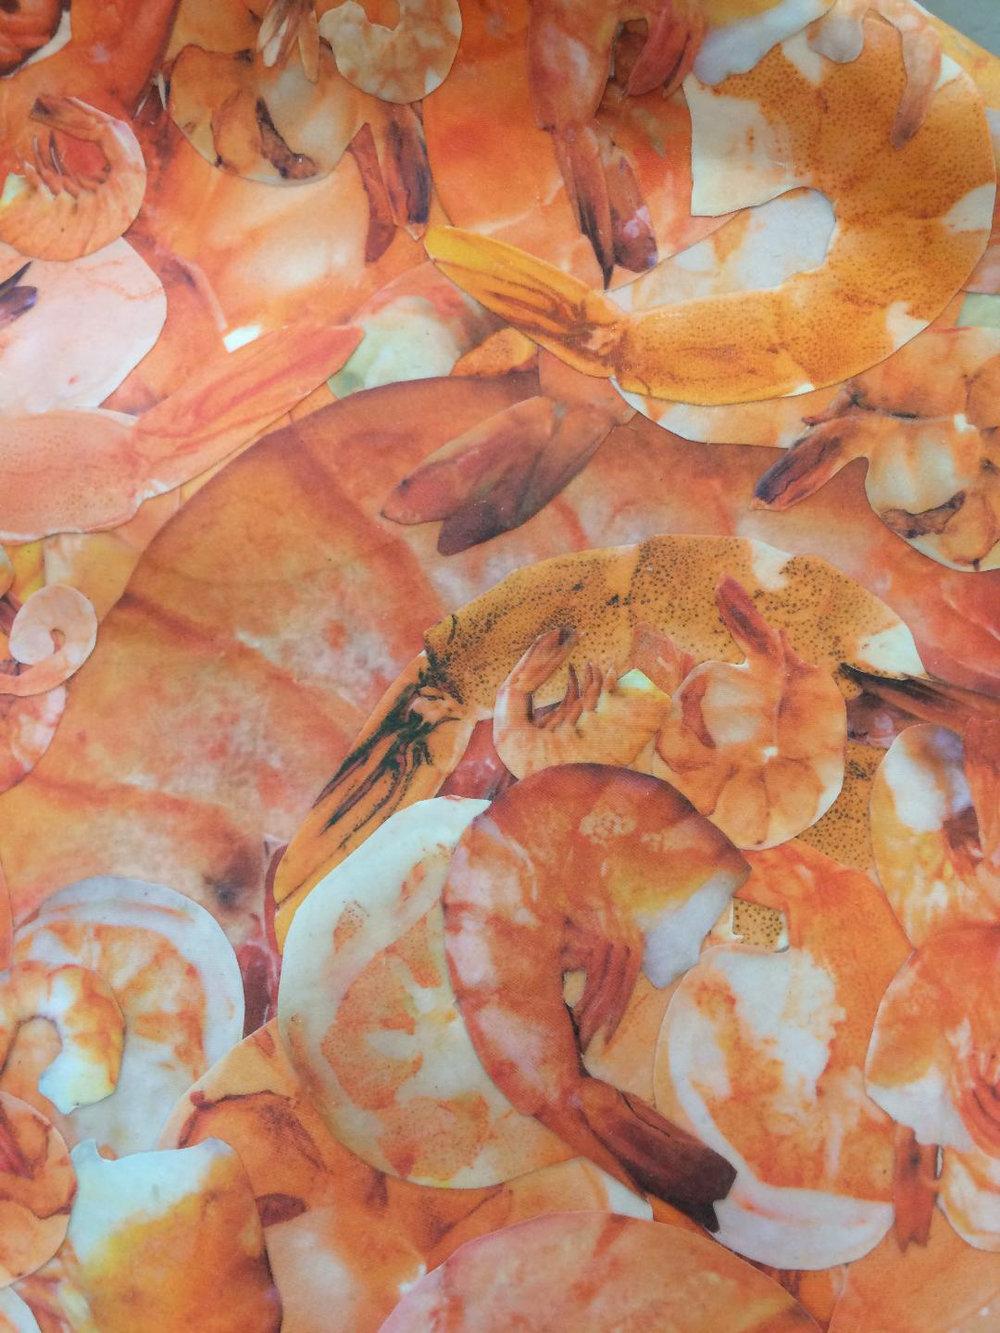 Shrimp Lilly detail